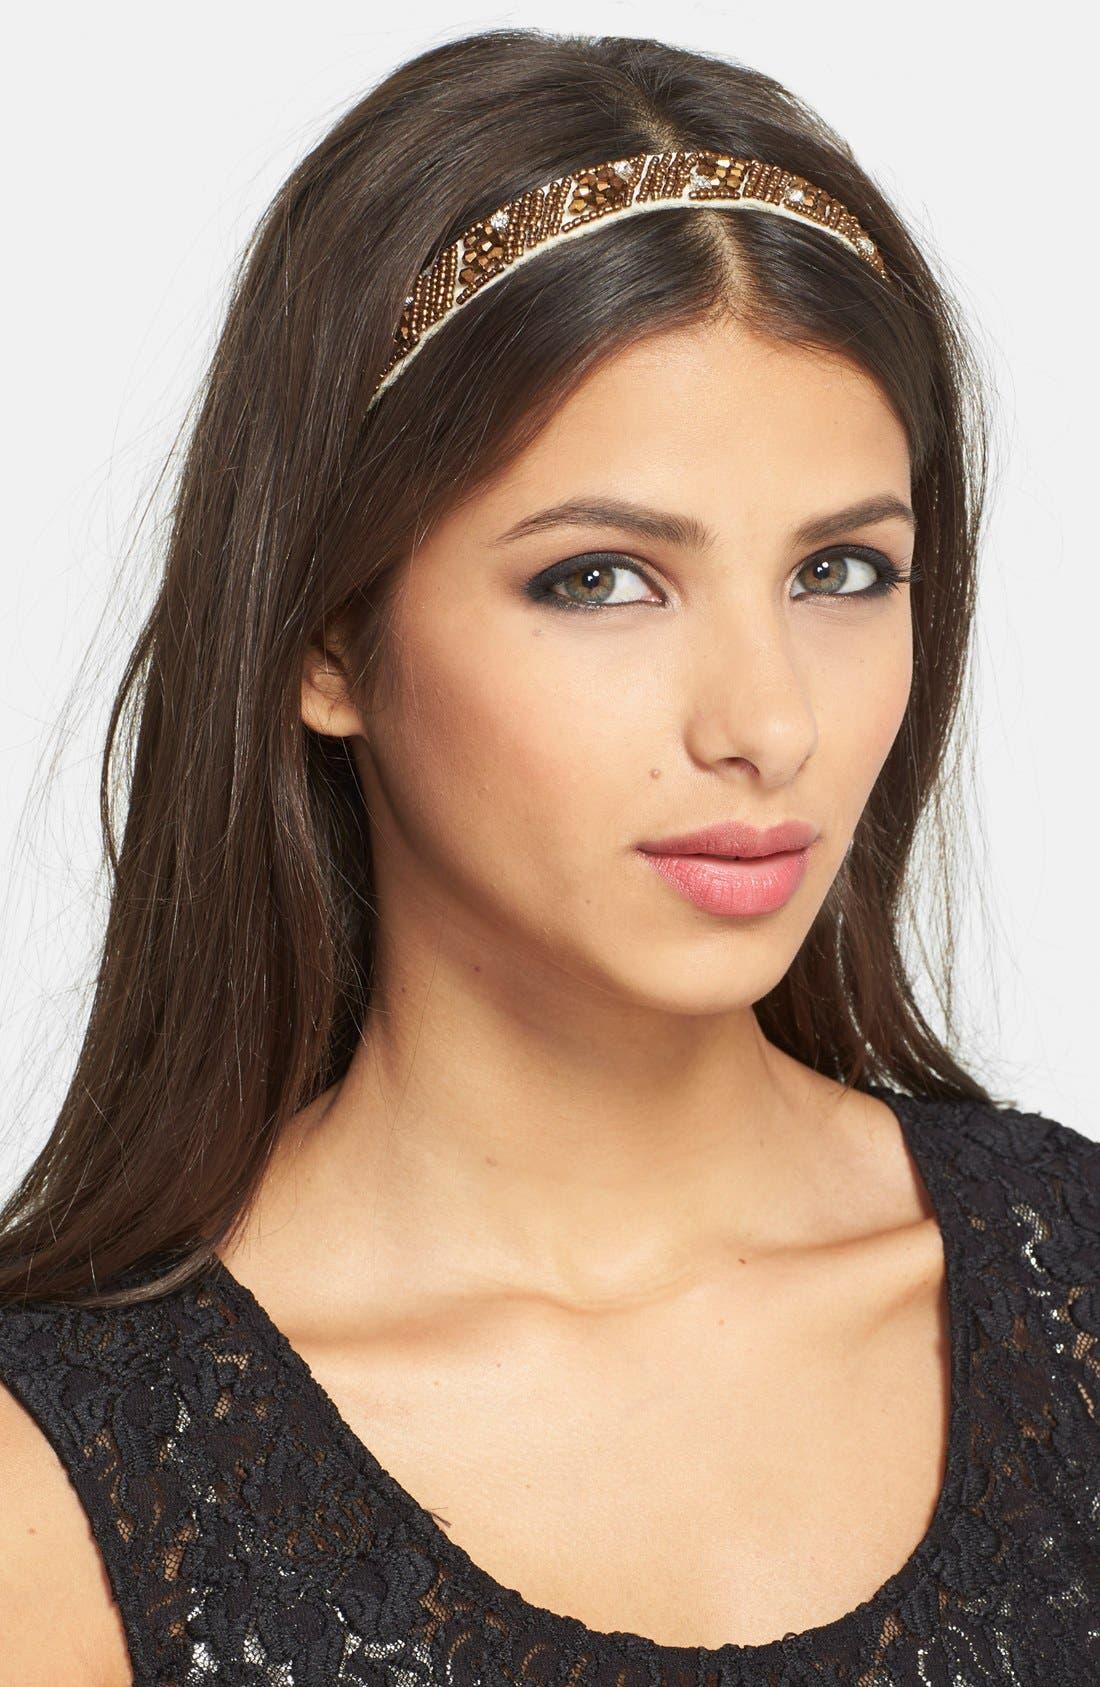 Main Image - Tasha 'Royal Beads' Head Wrap